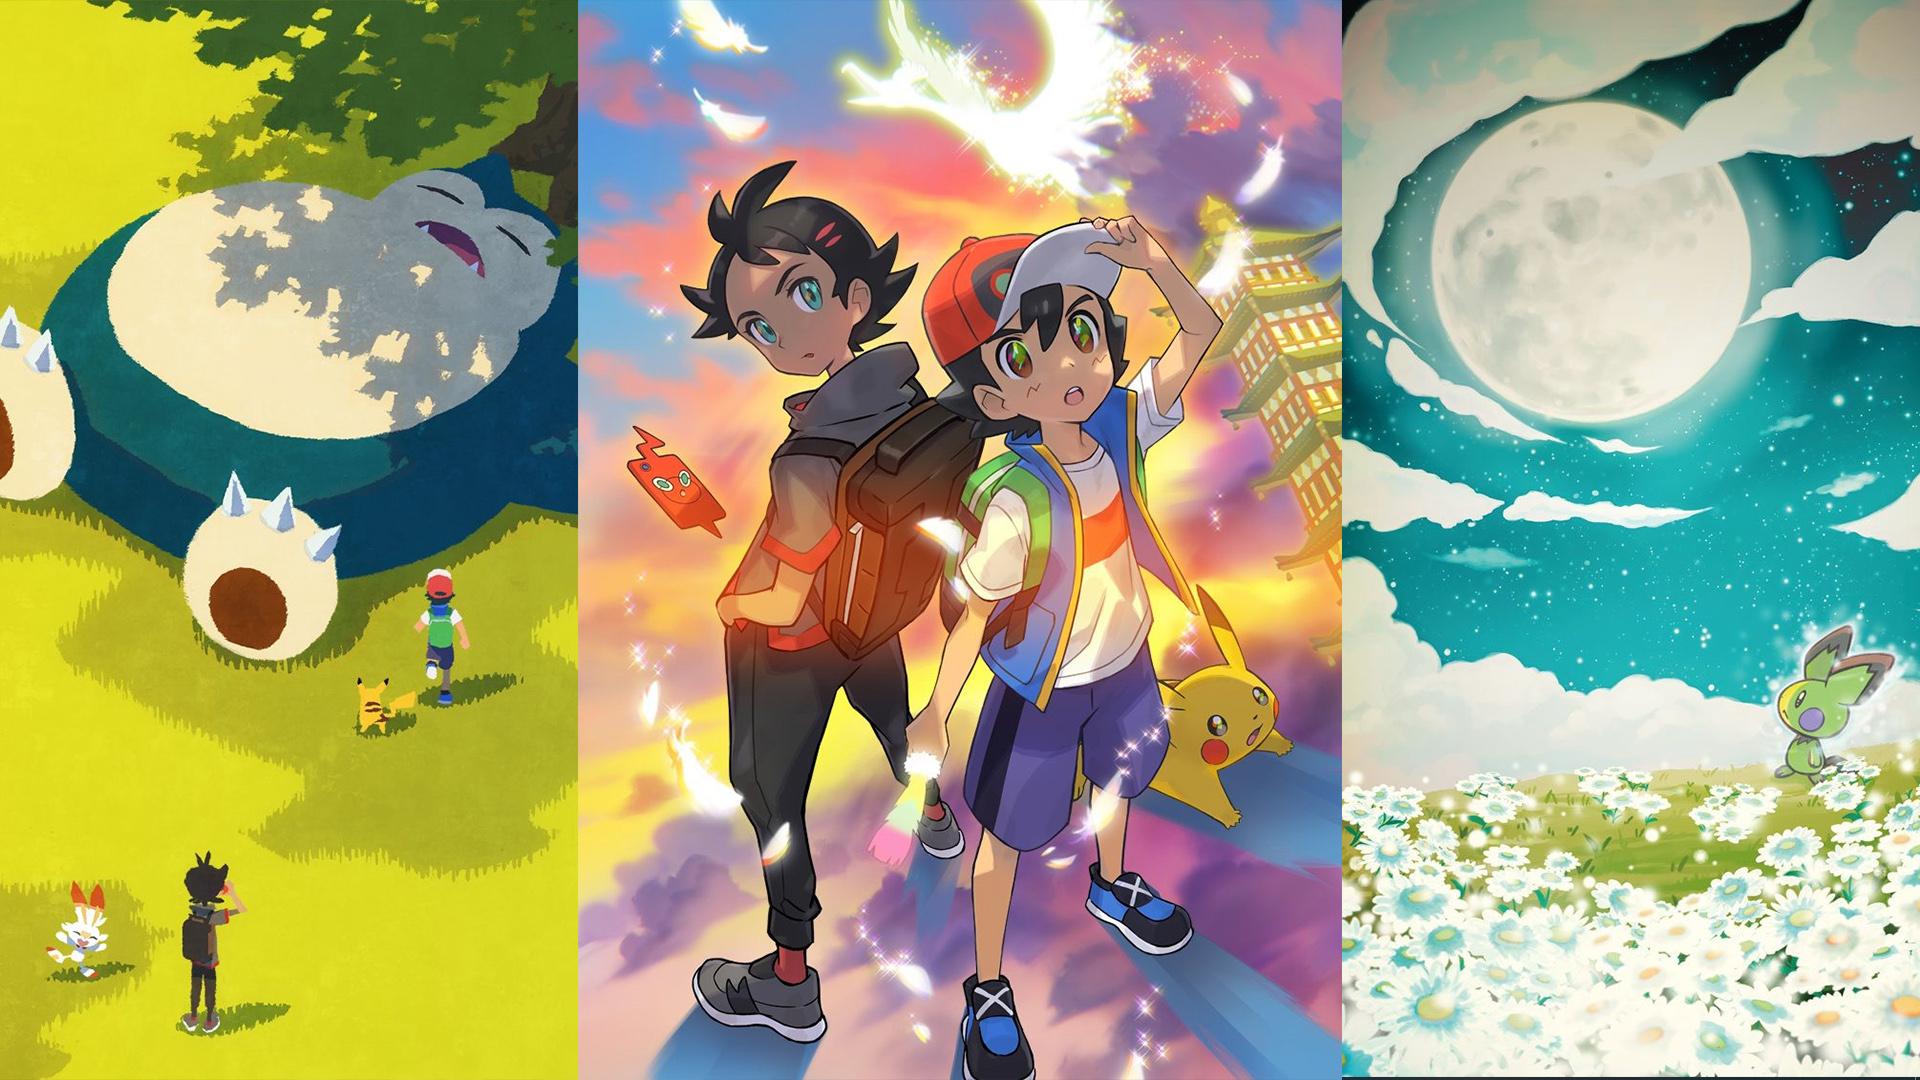 Pokemon Anime 1920x1080 Download Hd Wallpaper Wallpapertip